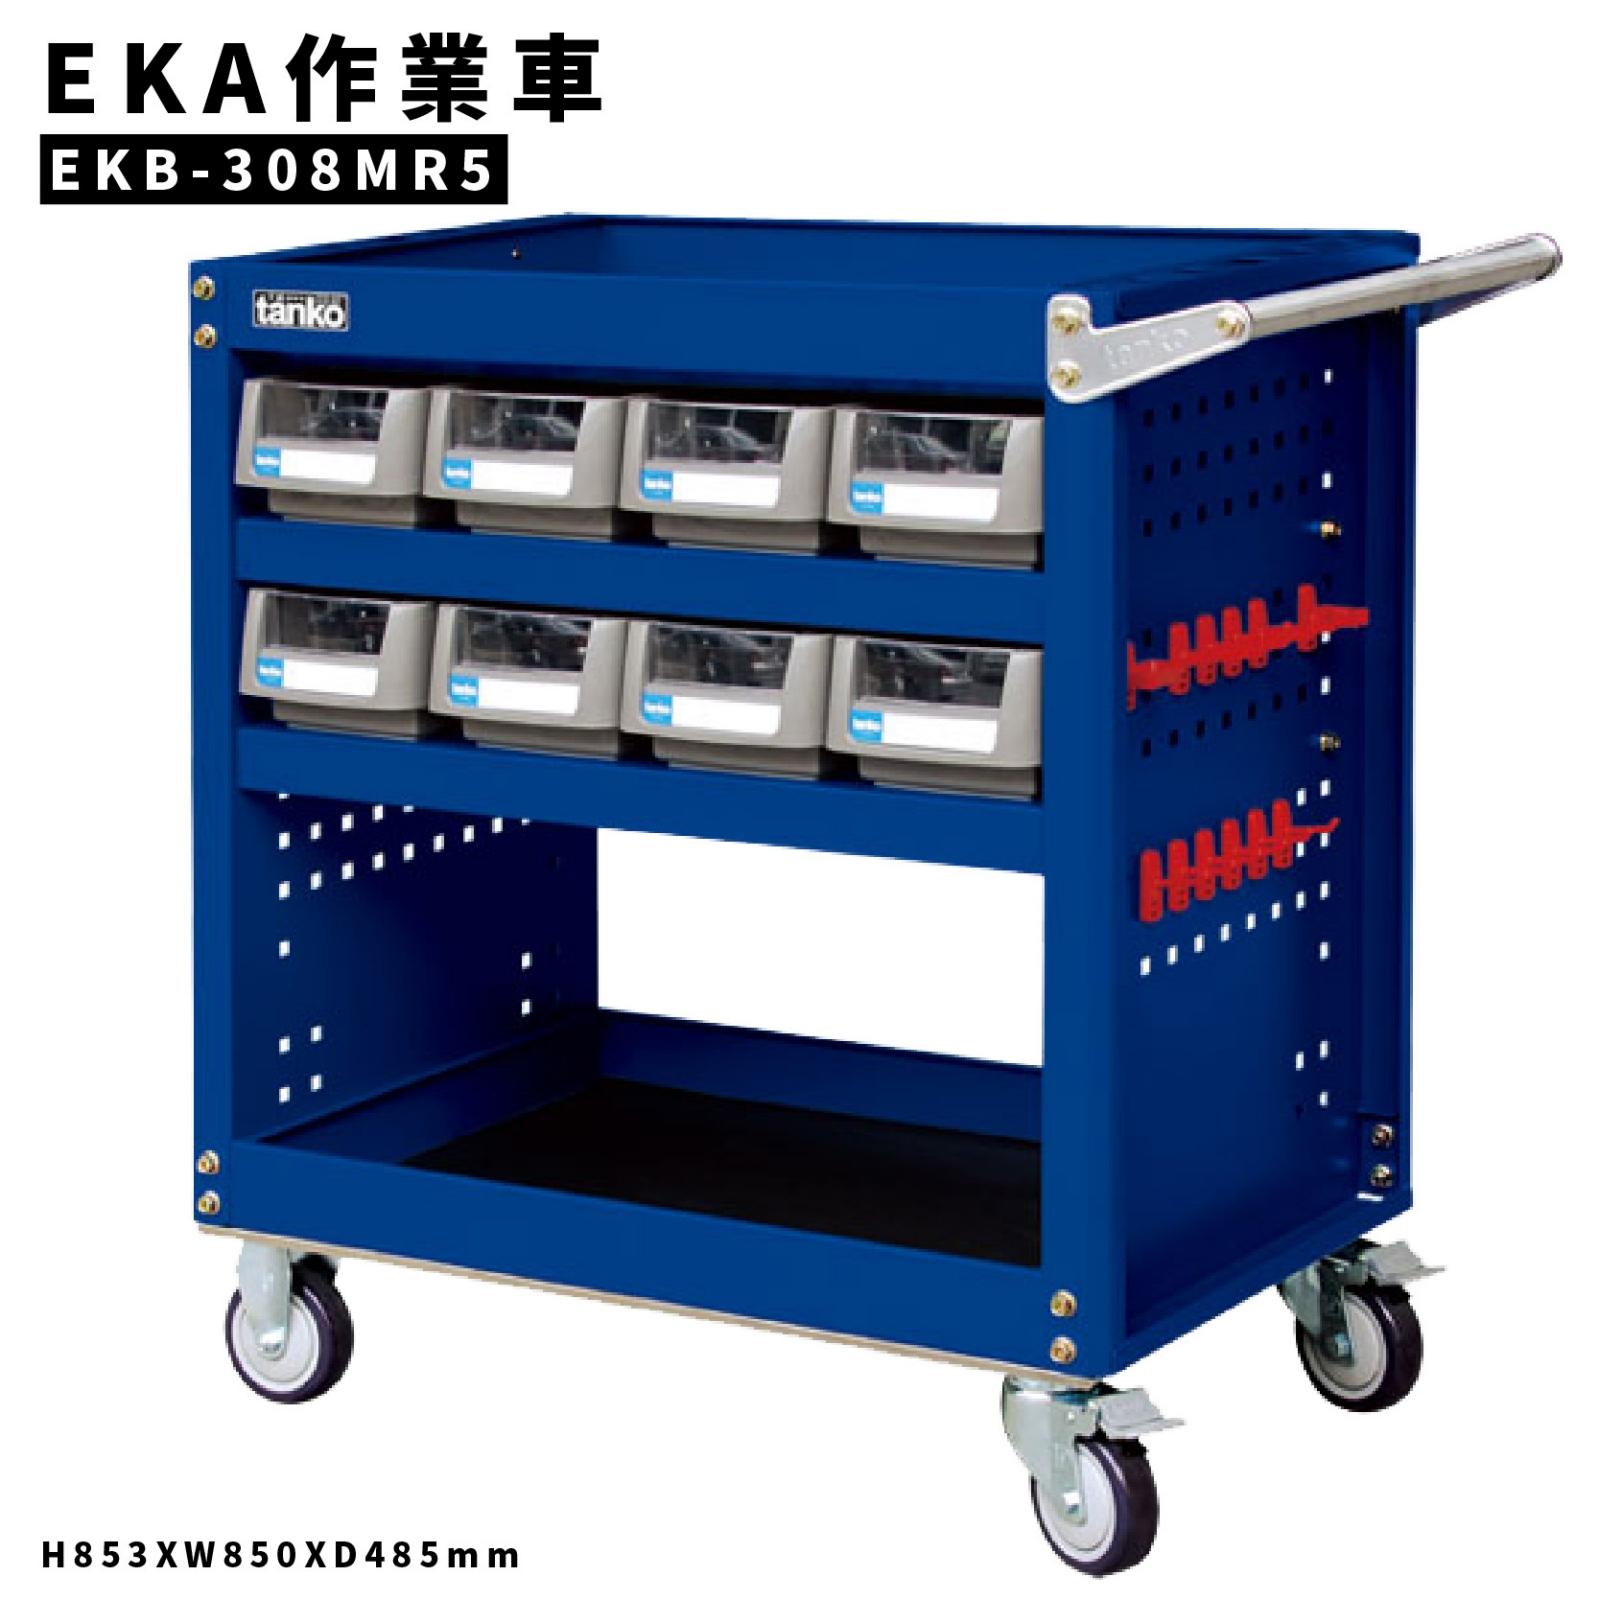 EKB-308MR5《EKB作業車》藍色 工具車 手推車 保養廠 工廠 車廠 汽車維修廠 含掛鉤一組(12pcs)